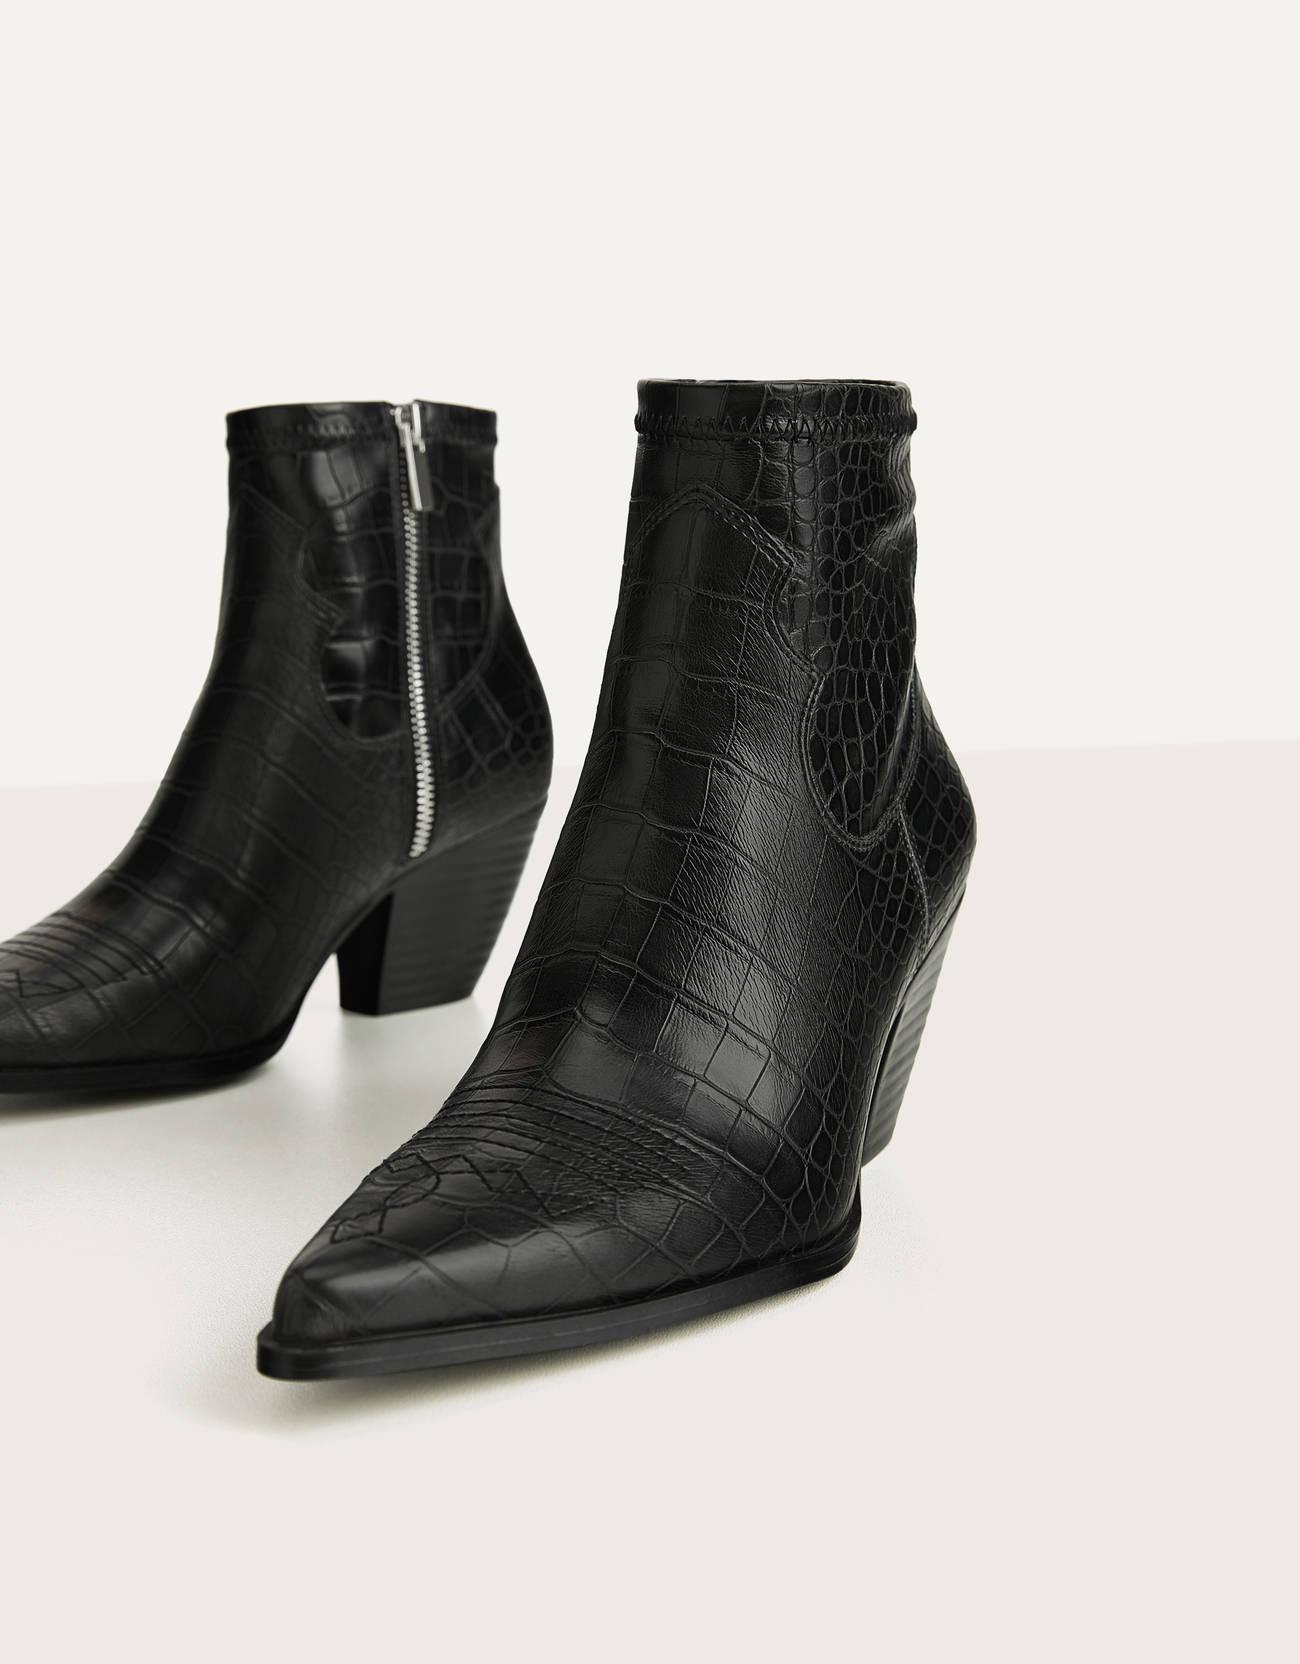 Botines negros de estilo cowboy